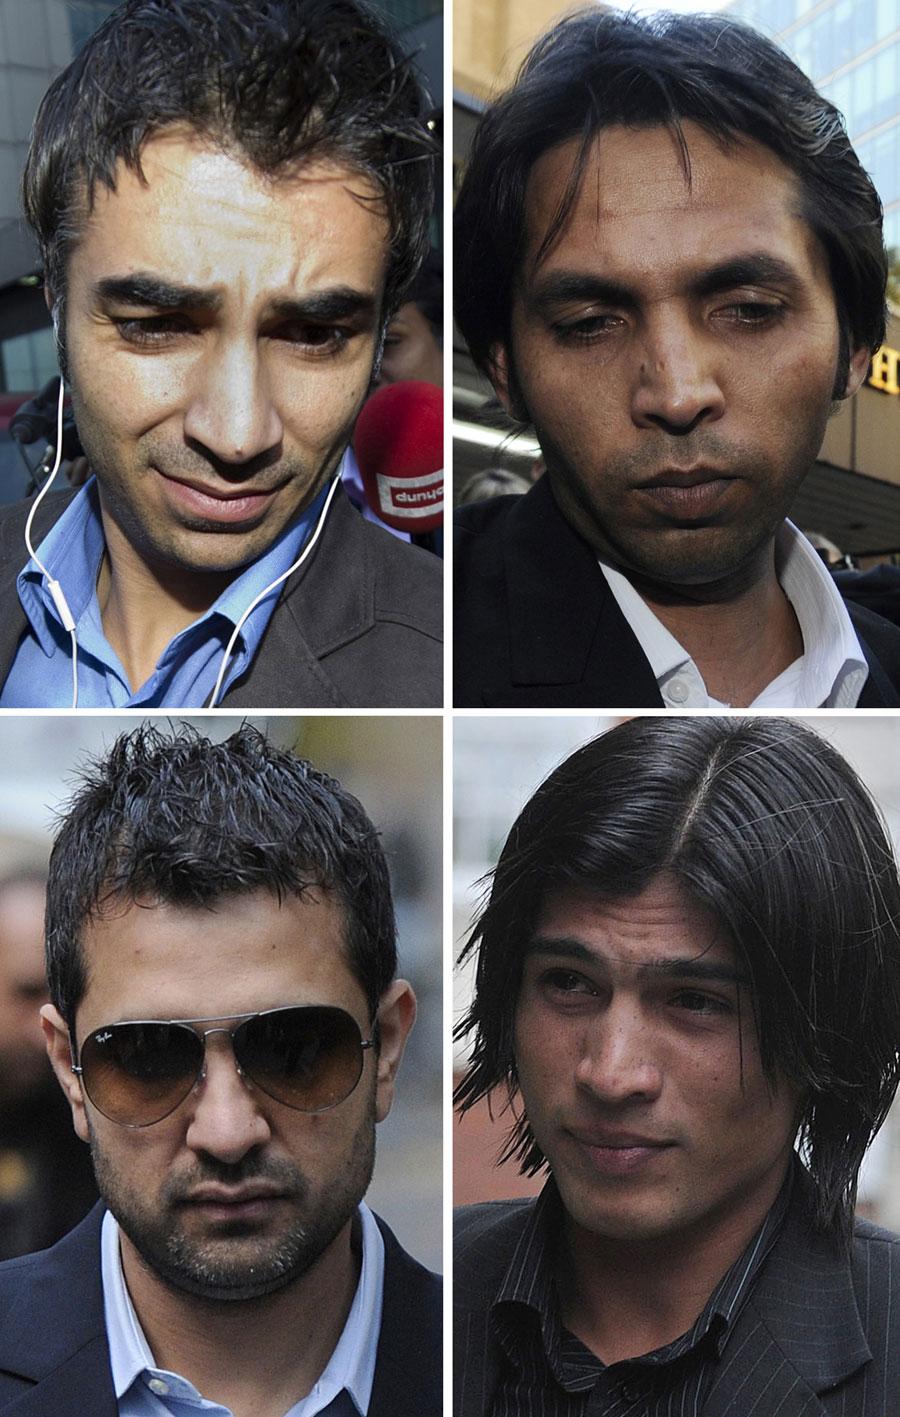 سلمان بٹ، محمد آصف، محمد عامر اور مظہر مجید نے مختلف دورانیے کی قید کی سزائیں پائیں